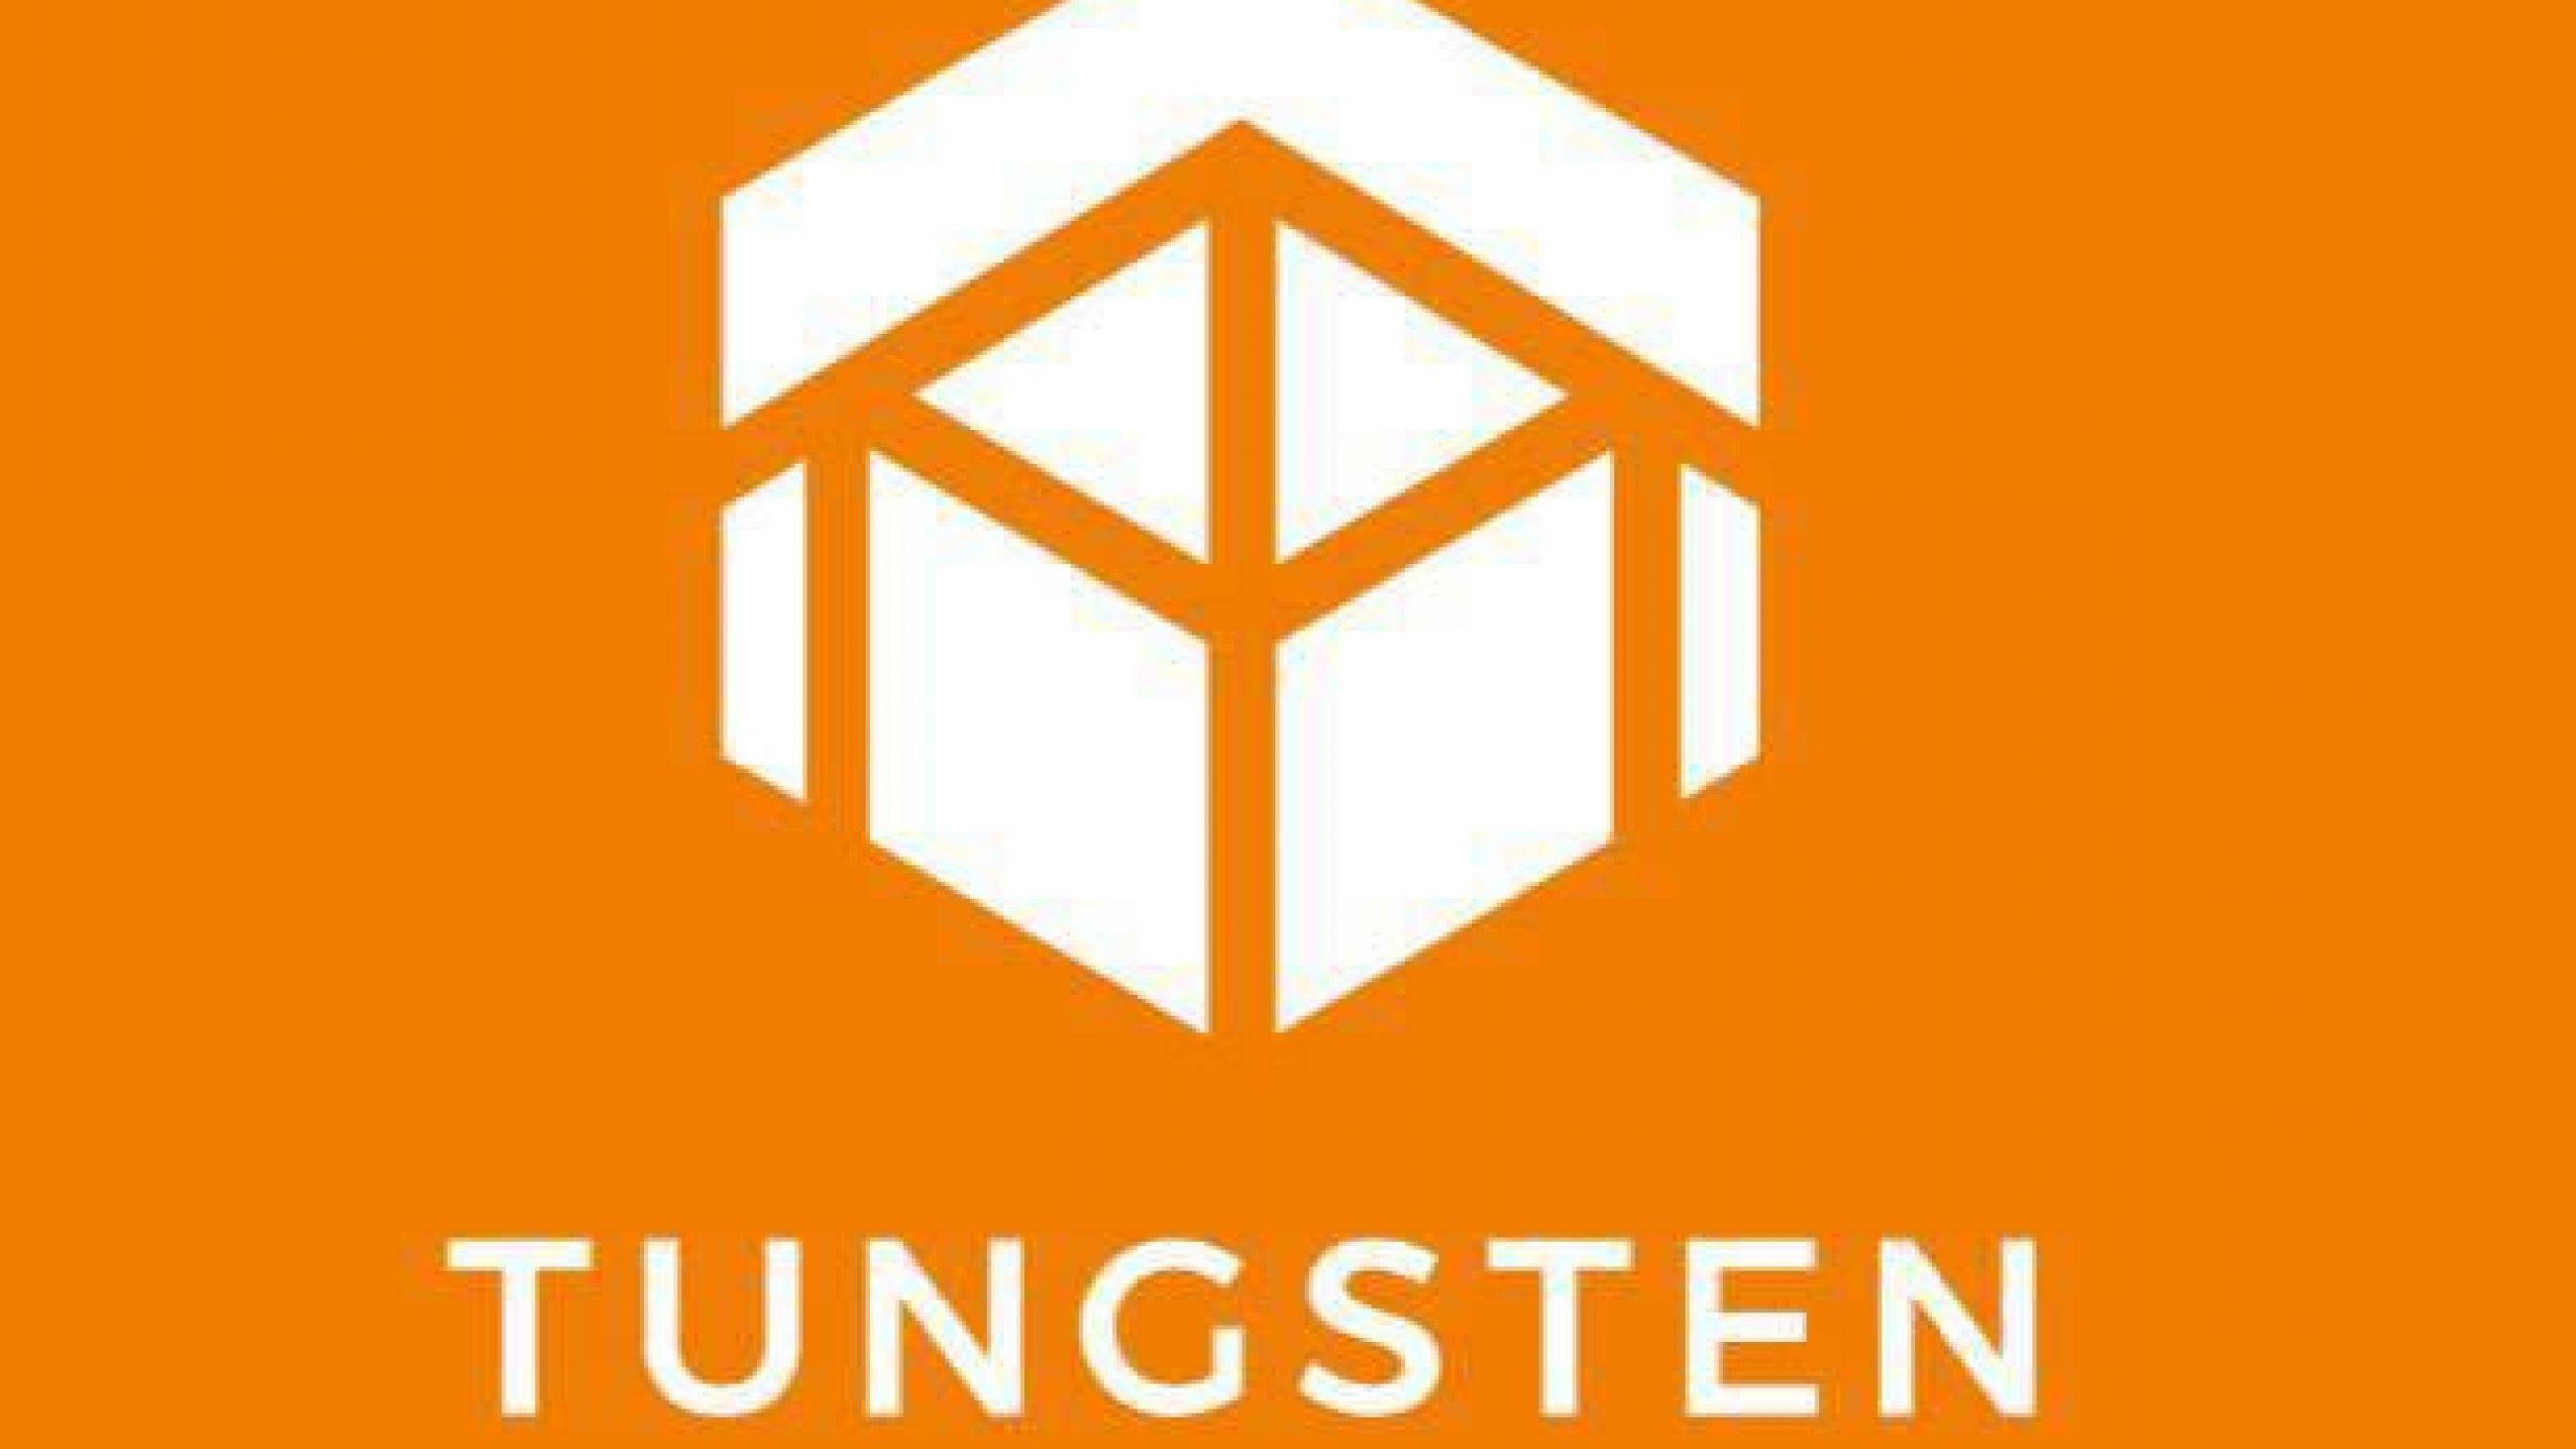 Tungsten Management Group Update Part Twenty Six